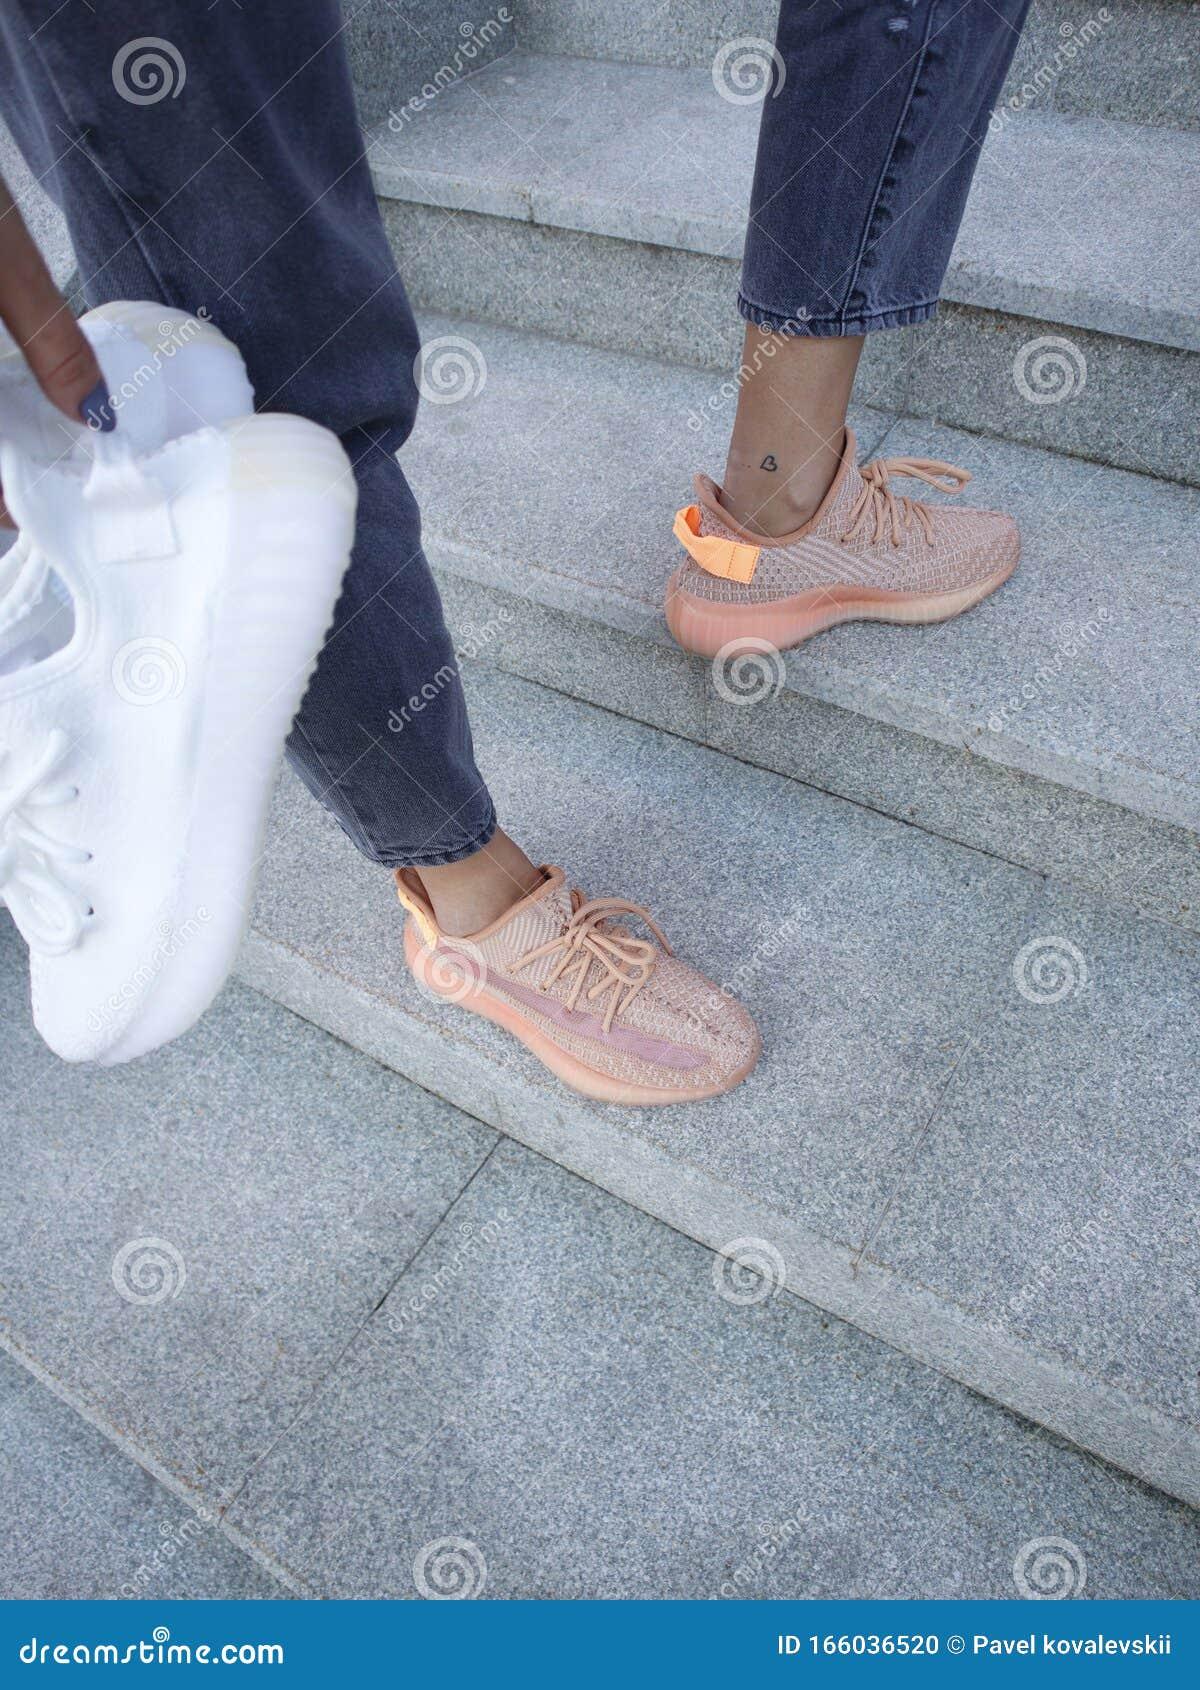 Cream Adidas Yeezy Boost 350 V2